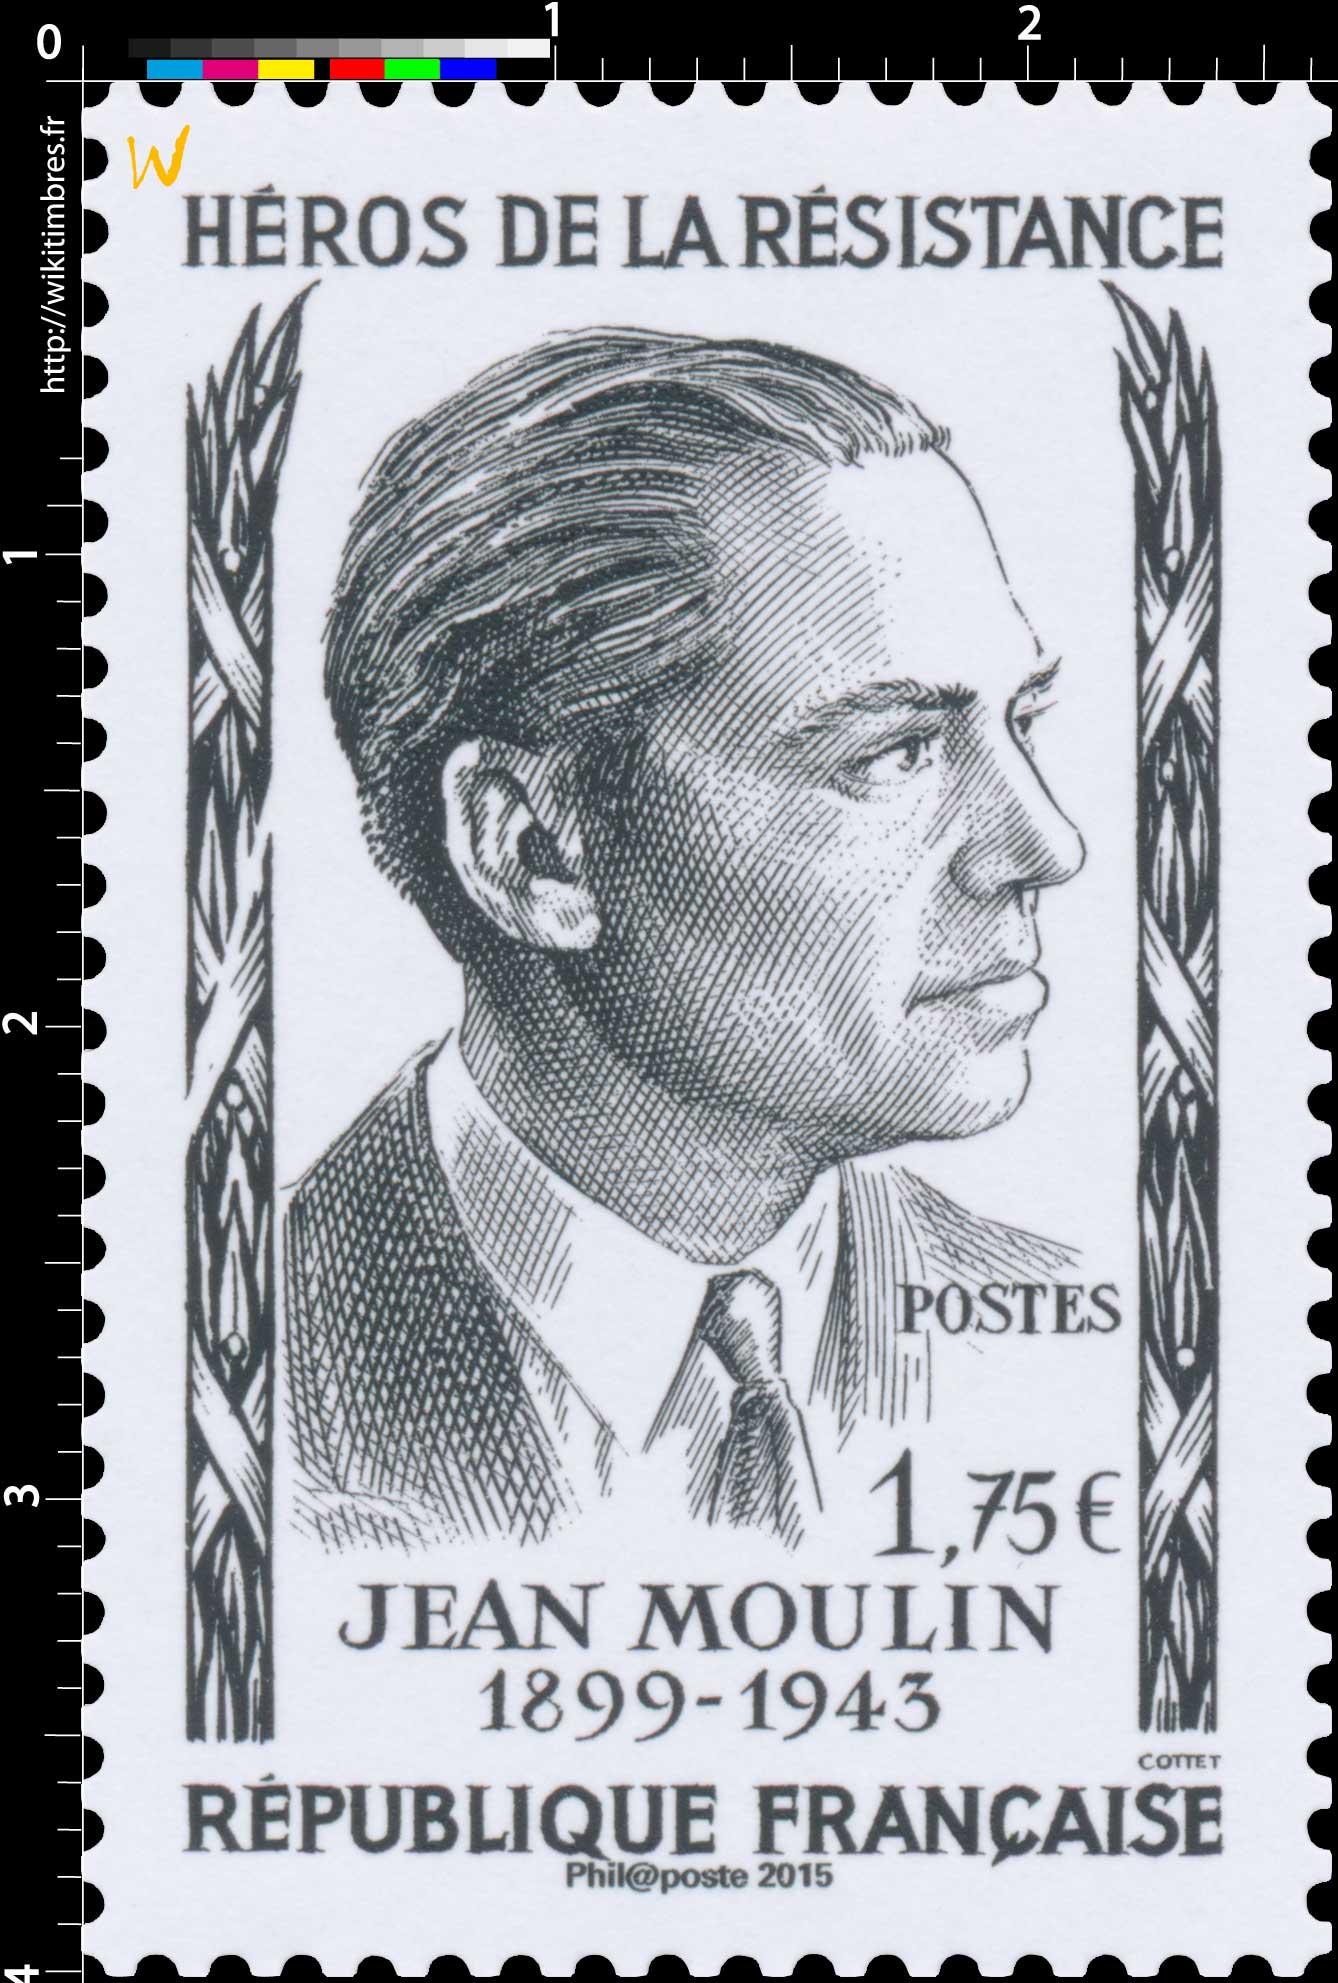 2015 Héros de la résistance Jean Moulin 1899-1943